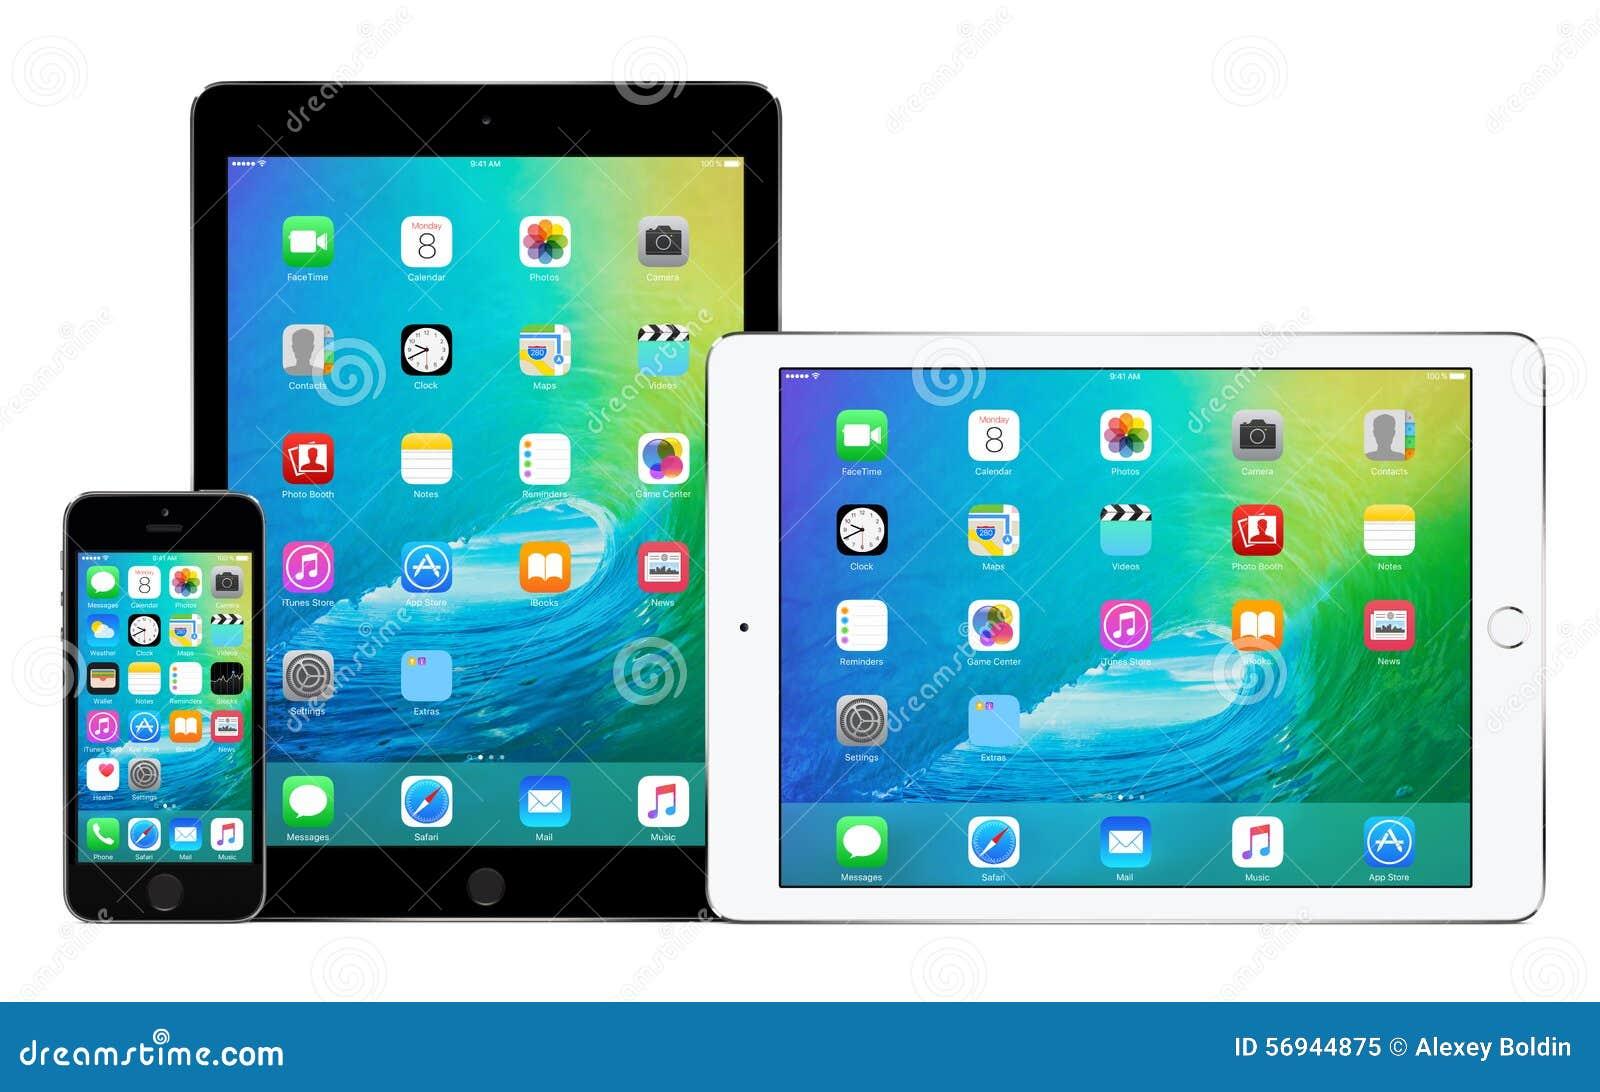 apple ipad clip art - photo #11